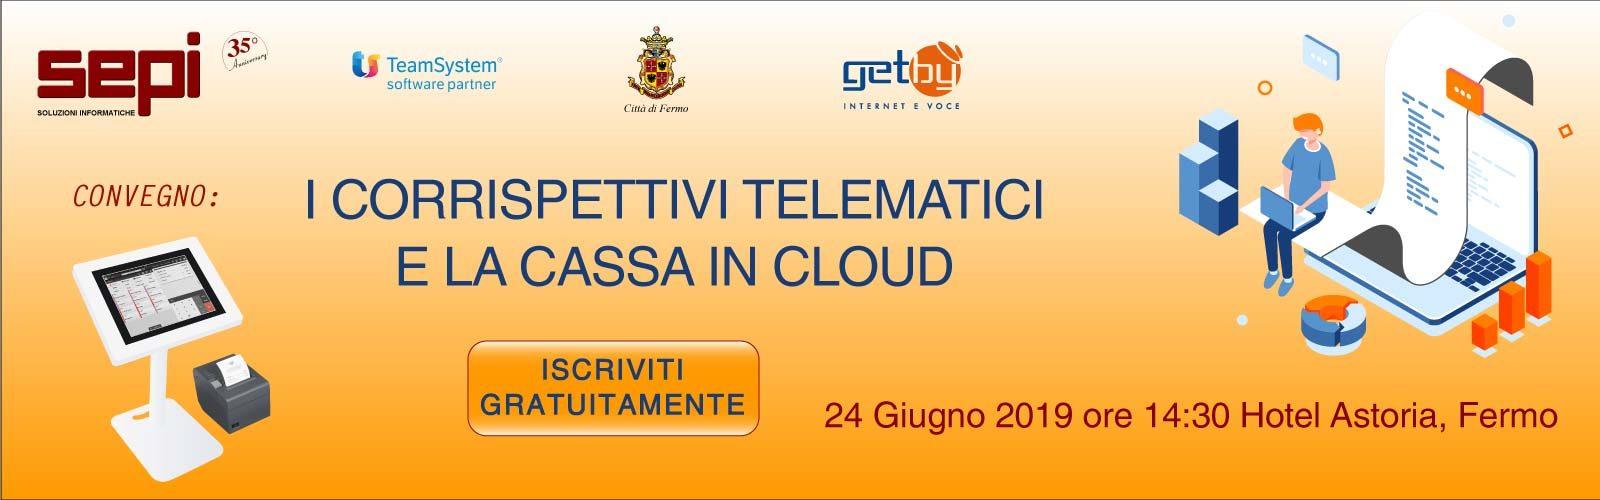 Partecipa al Convegno: I Corrispettivi Telematici e la Cassa in Cloud